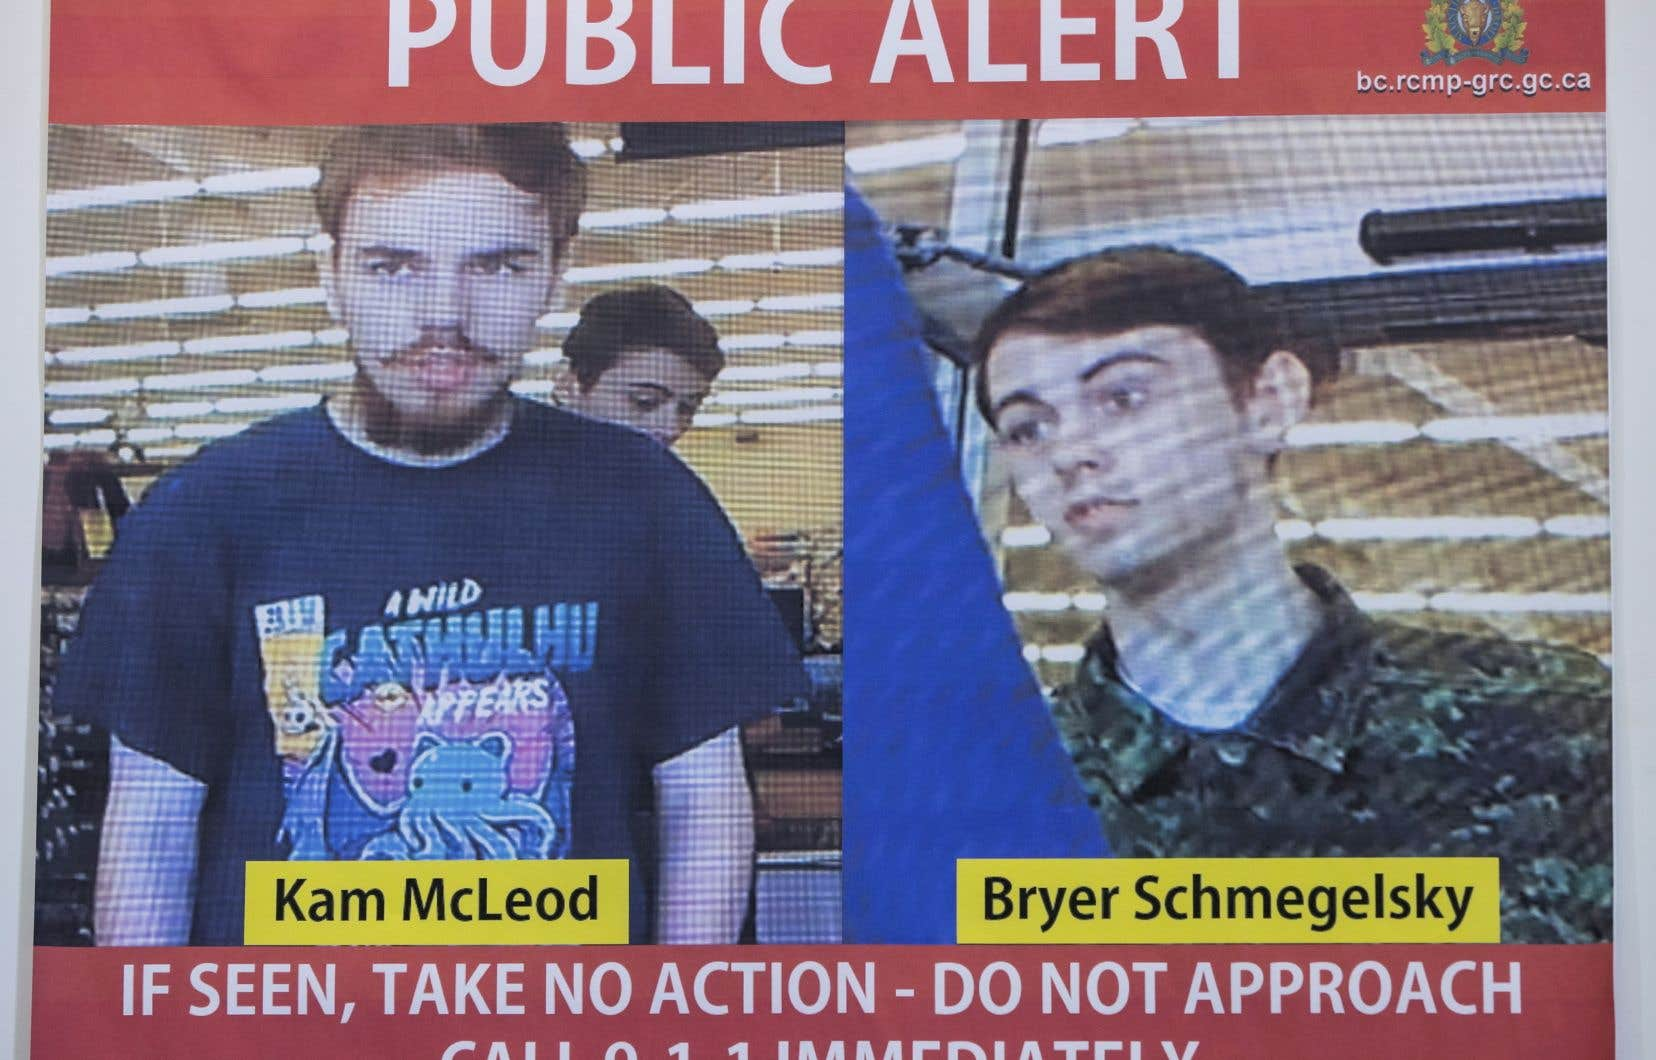 Kam McLeod et Bryer Schmegelsky sont soupçonnés d'avoir commis un triple homicide en Colombie-Britannique.